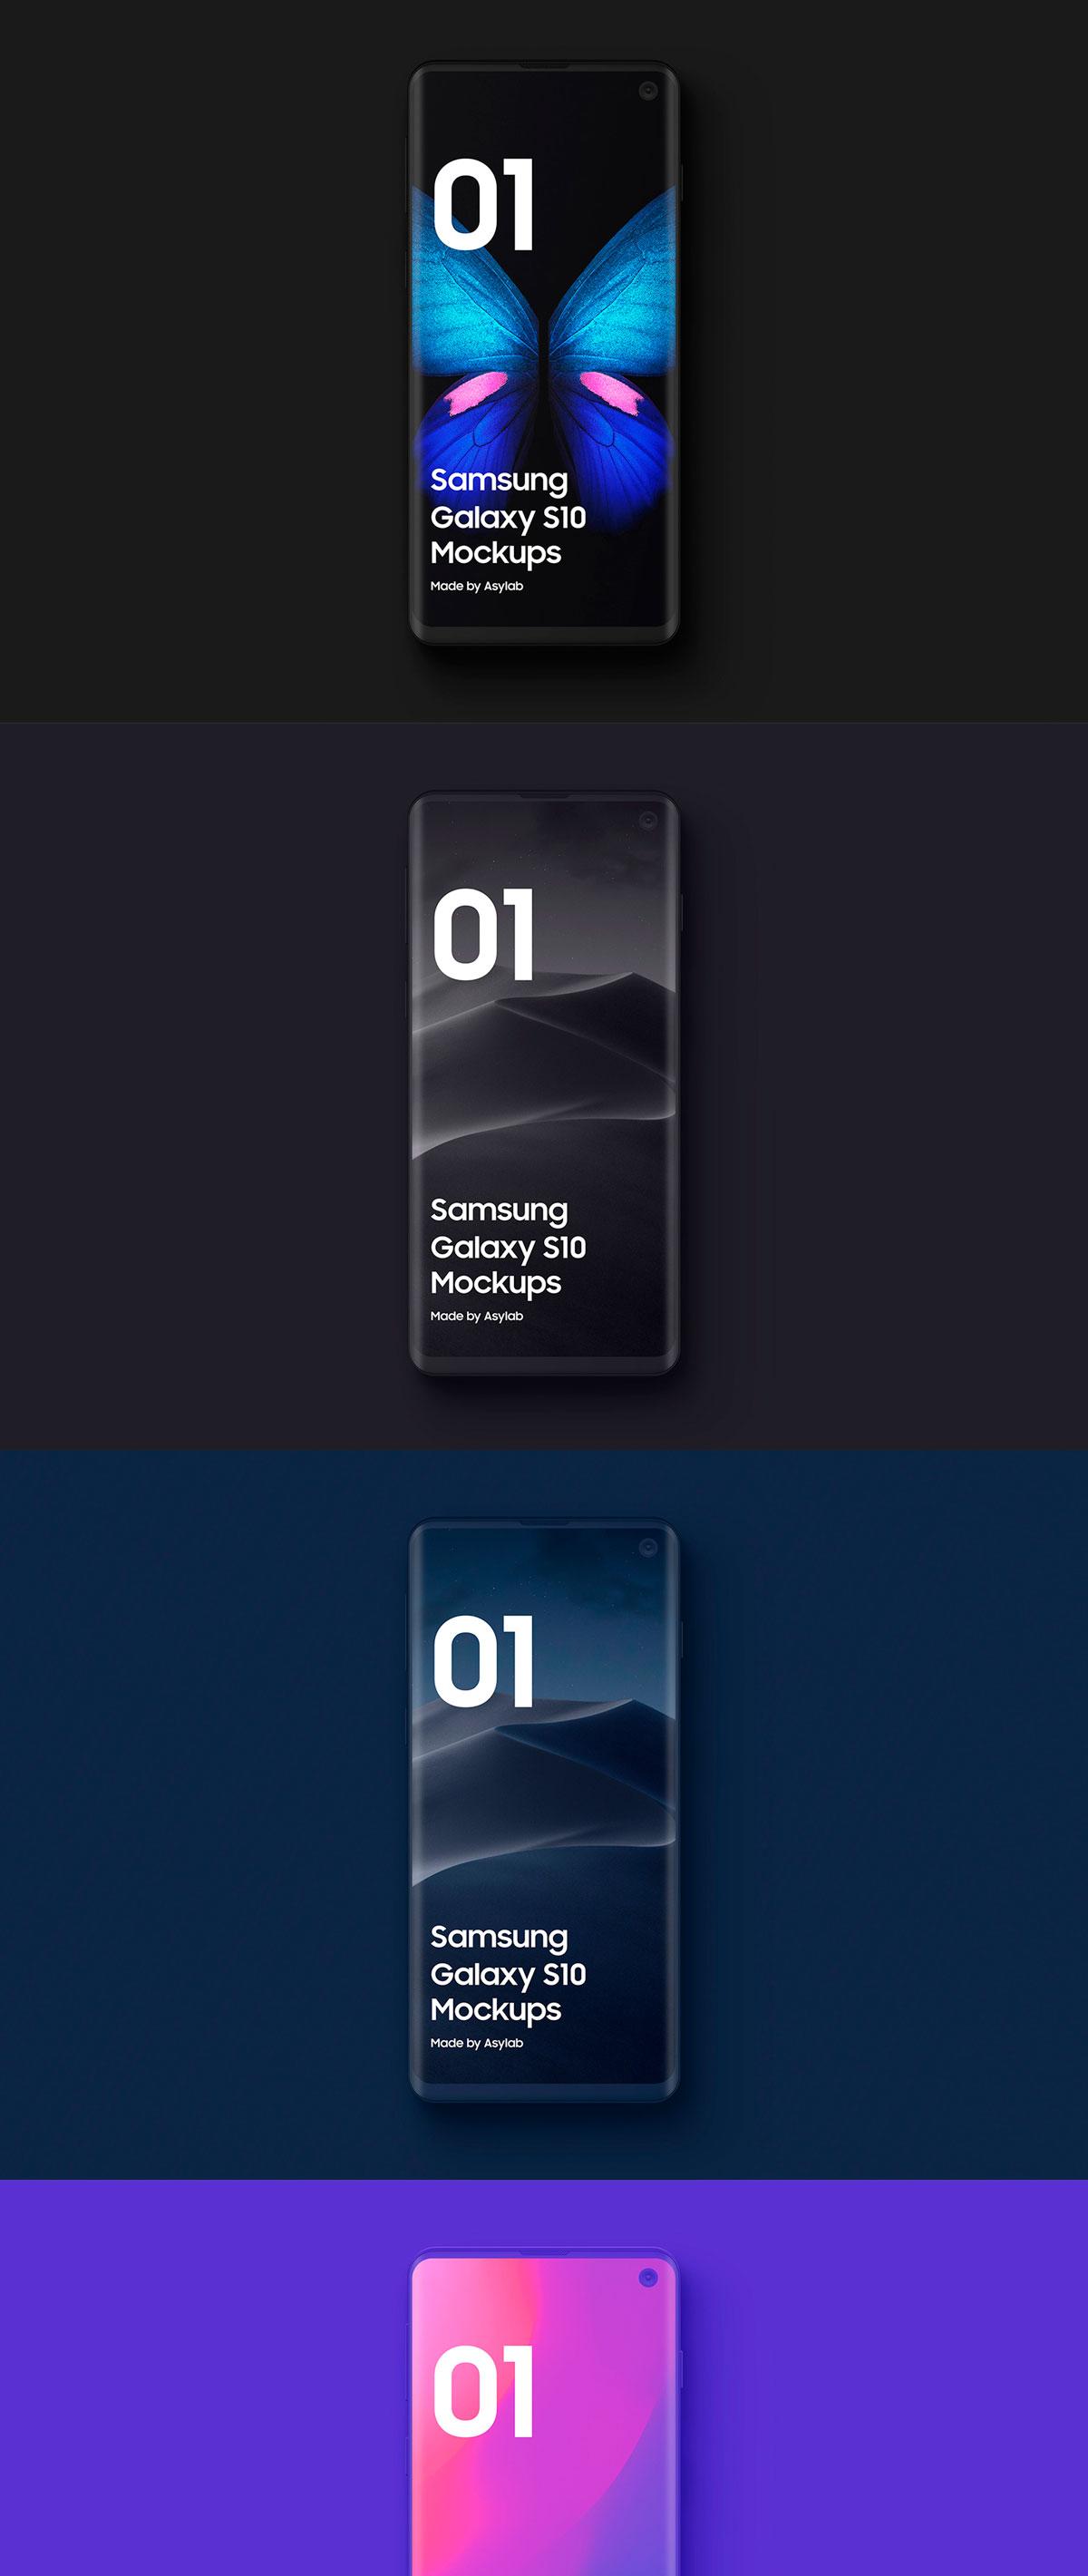 陶瓷质感三星Galaxy S10智能手机样机模板 Samsung Galaxy S10 – 21 Clay Mockups插图(10)